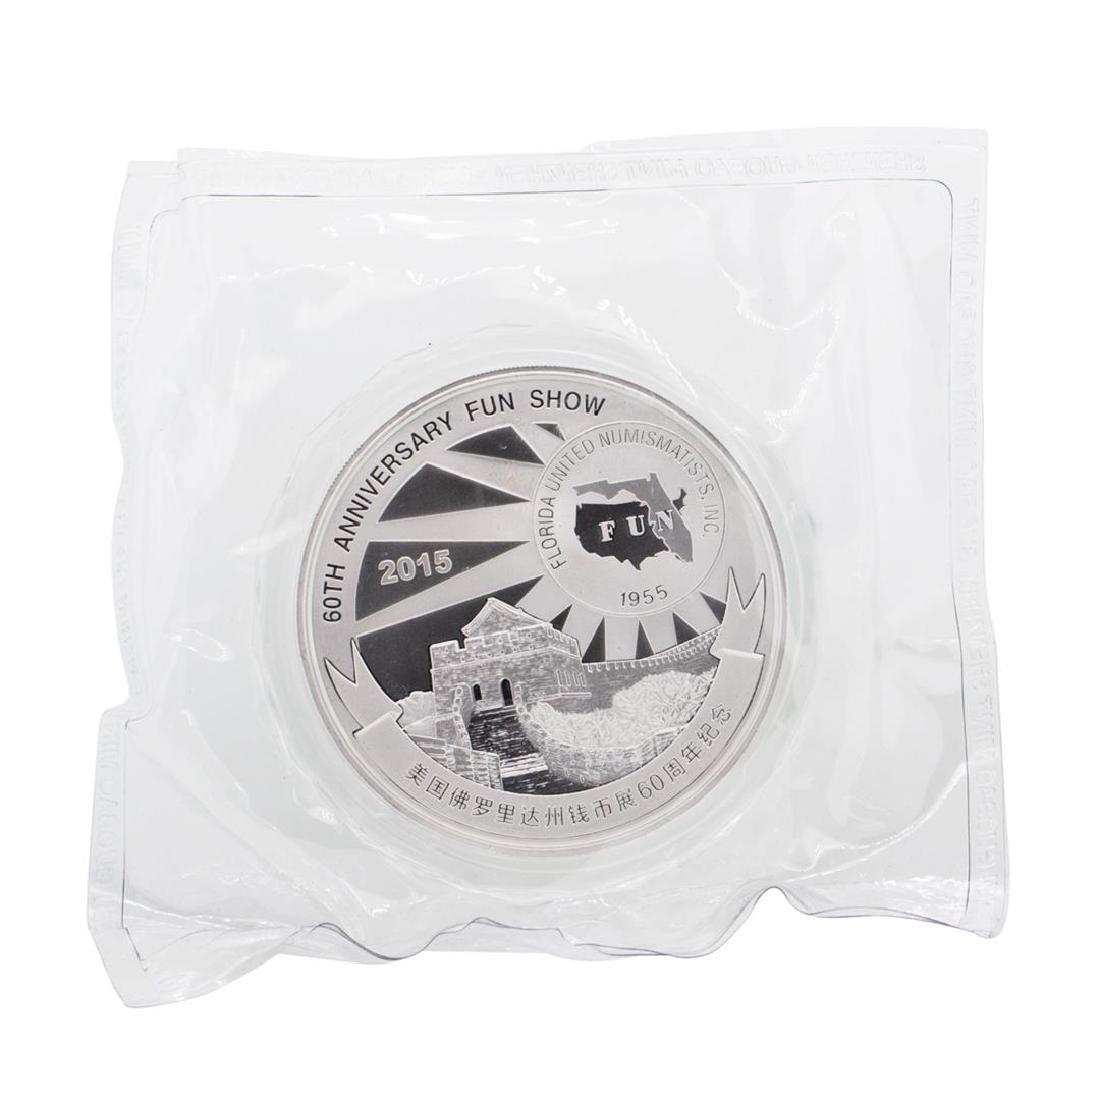 2015 F.U.N. Show 60th Anniversary 5oz Silver Panda Coin - 2